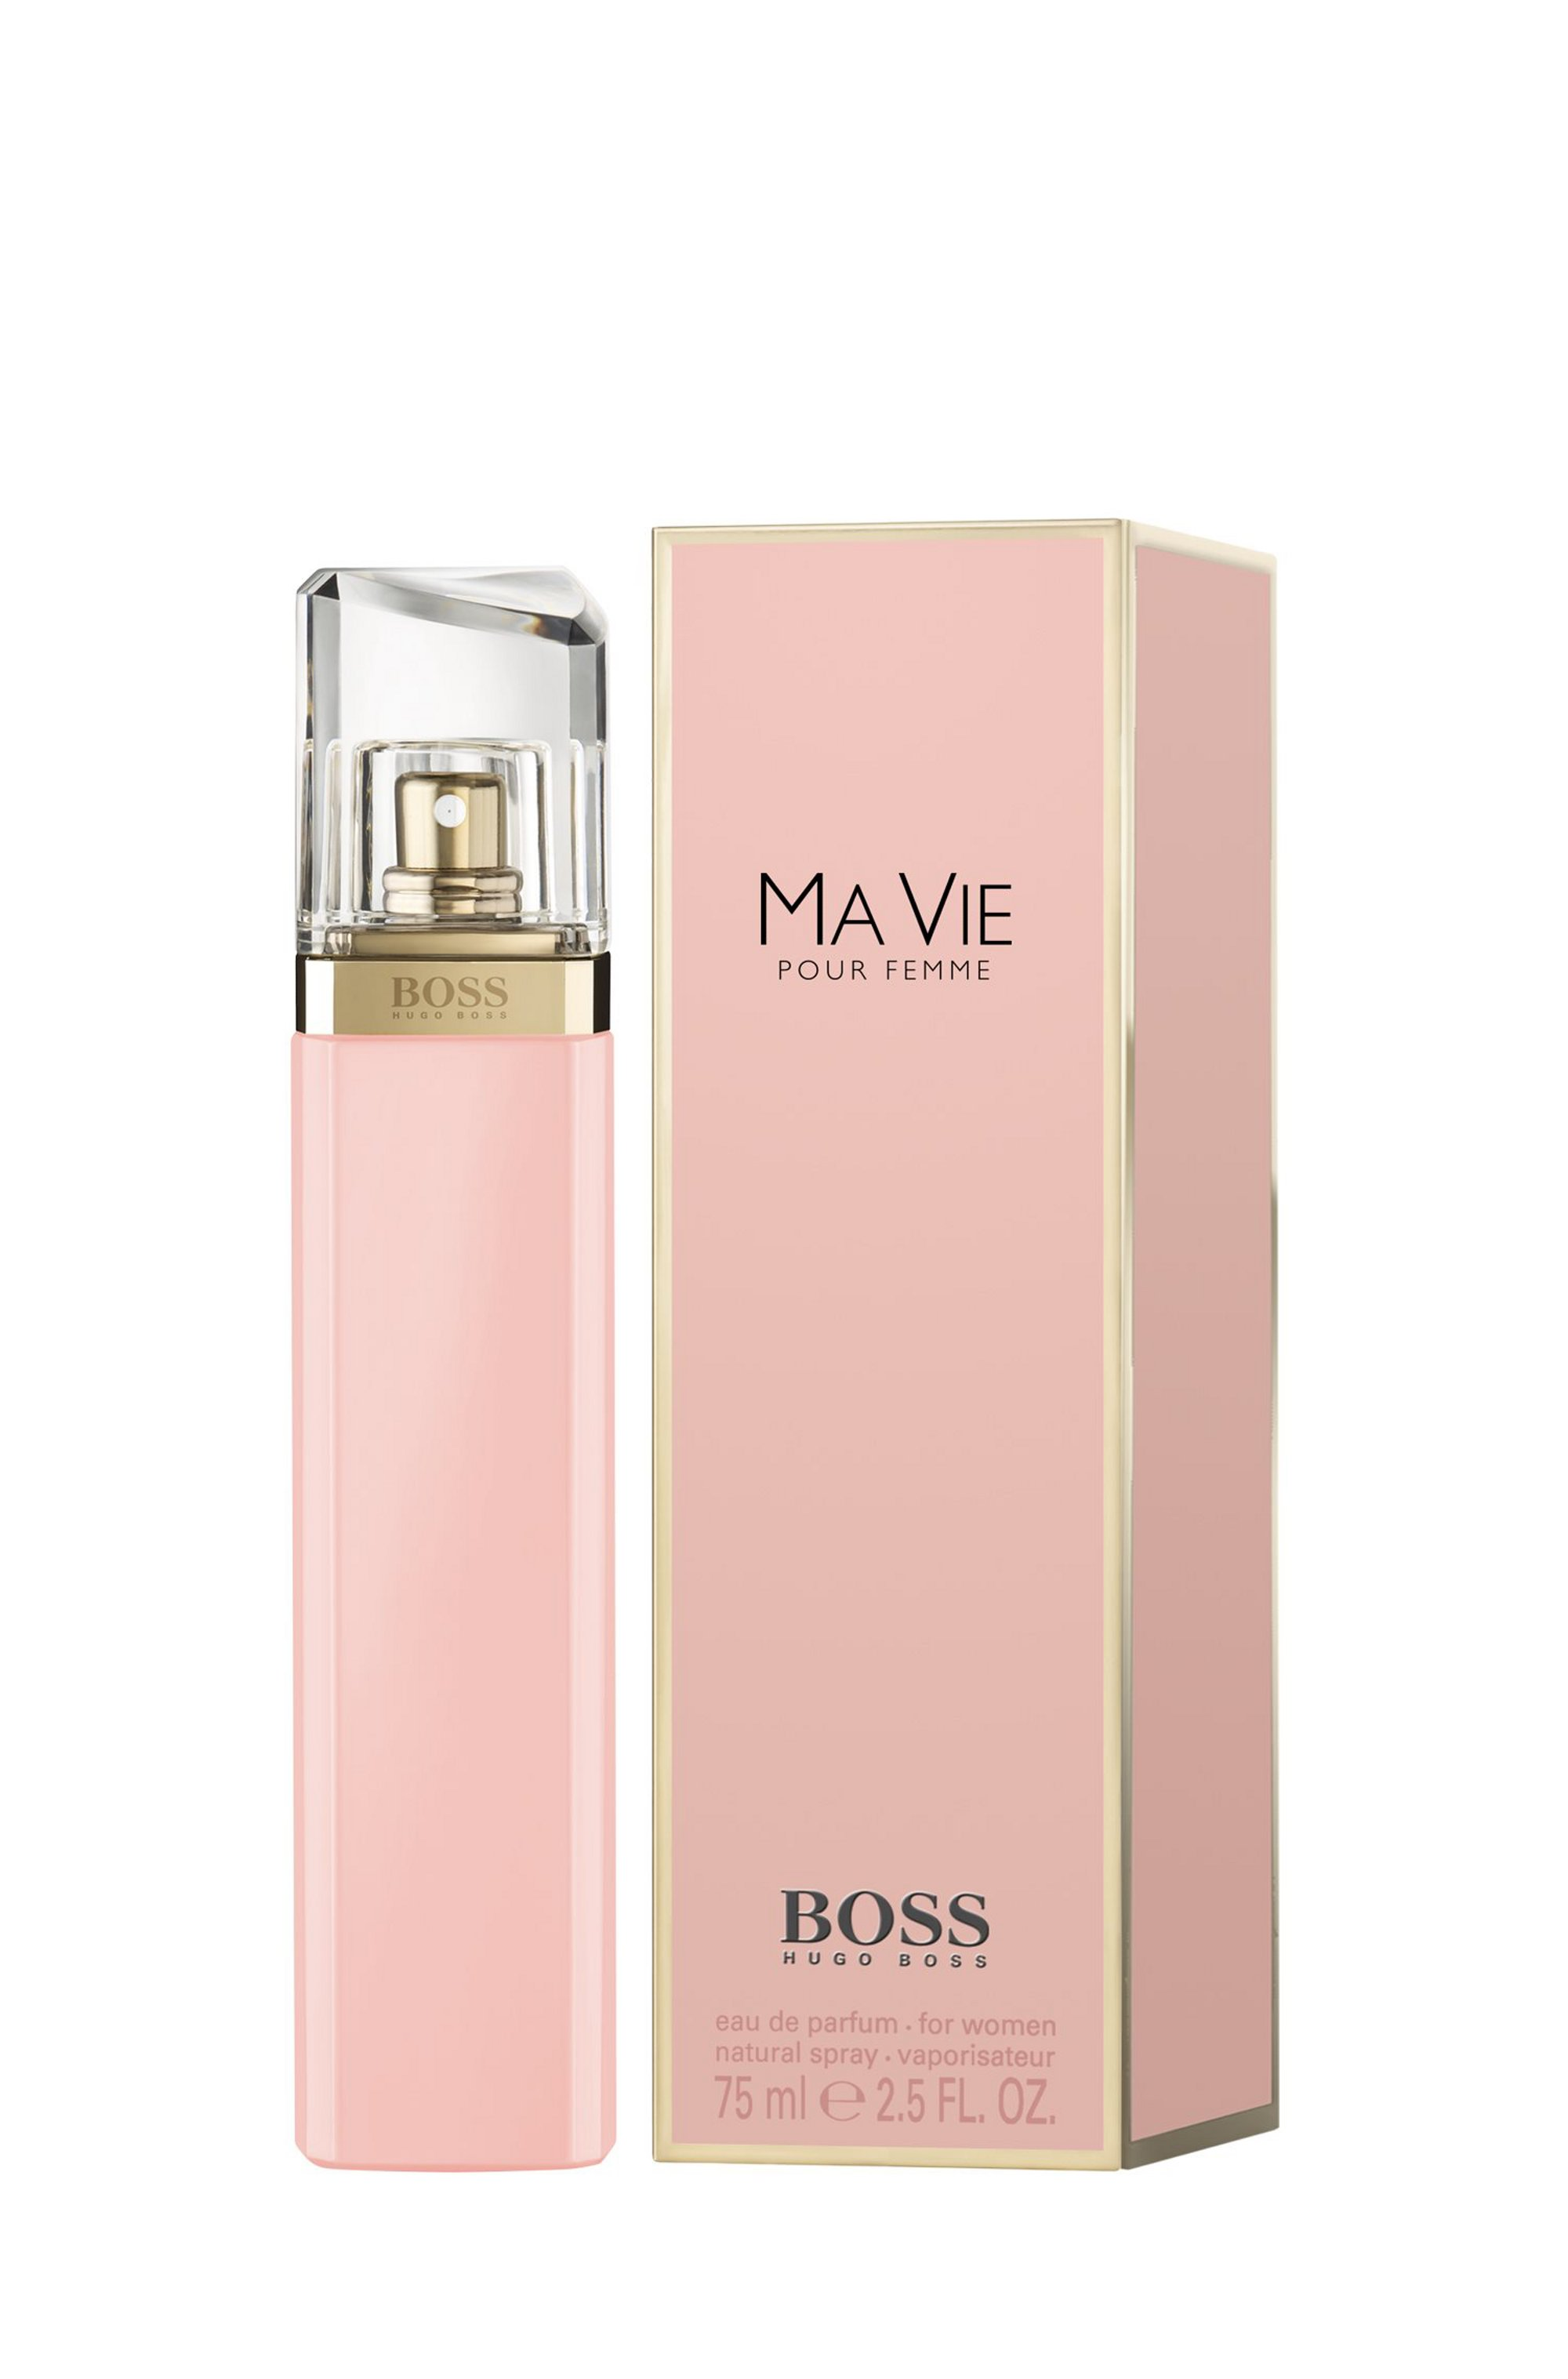 Eau de Parfum BOSS Ma Vie pour femme, 75ml